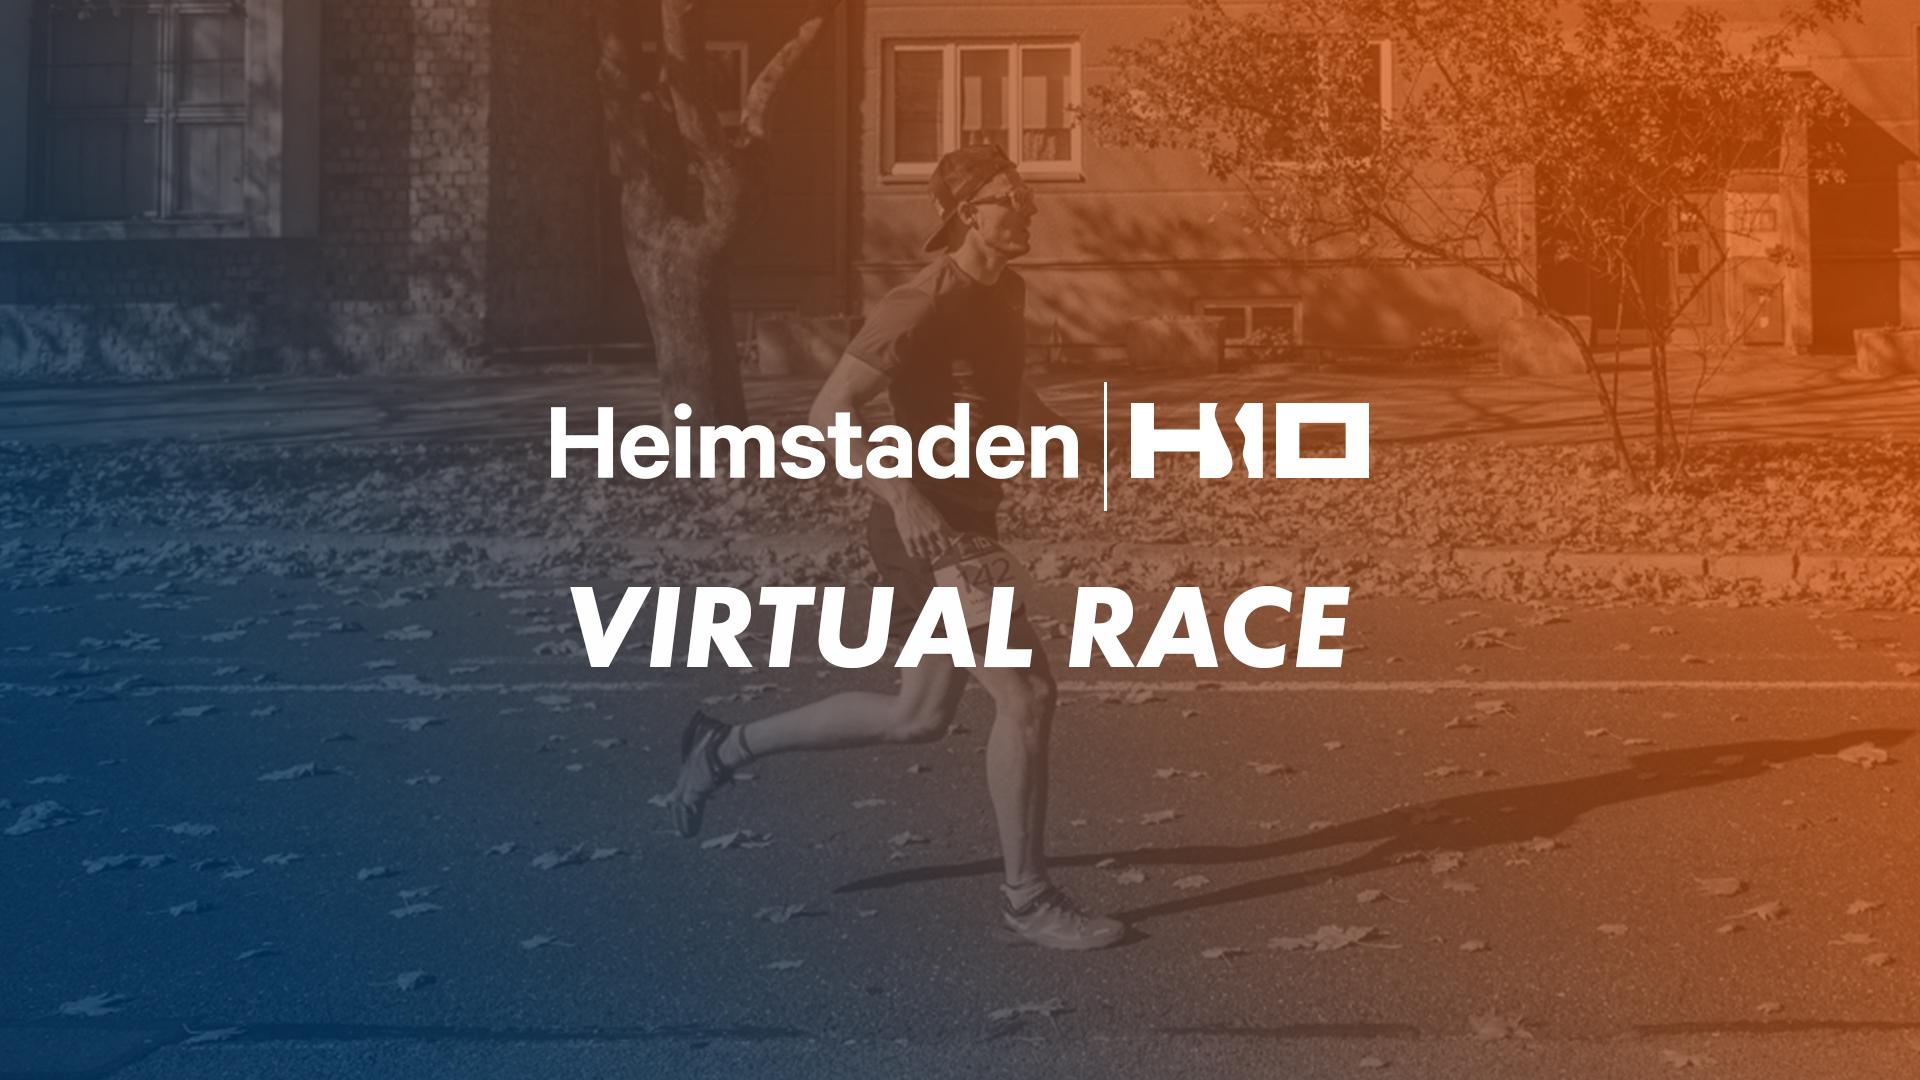 Heimstaden Havířovská desítka 2020 – virtual race